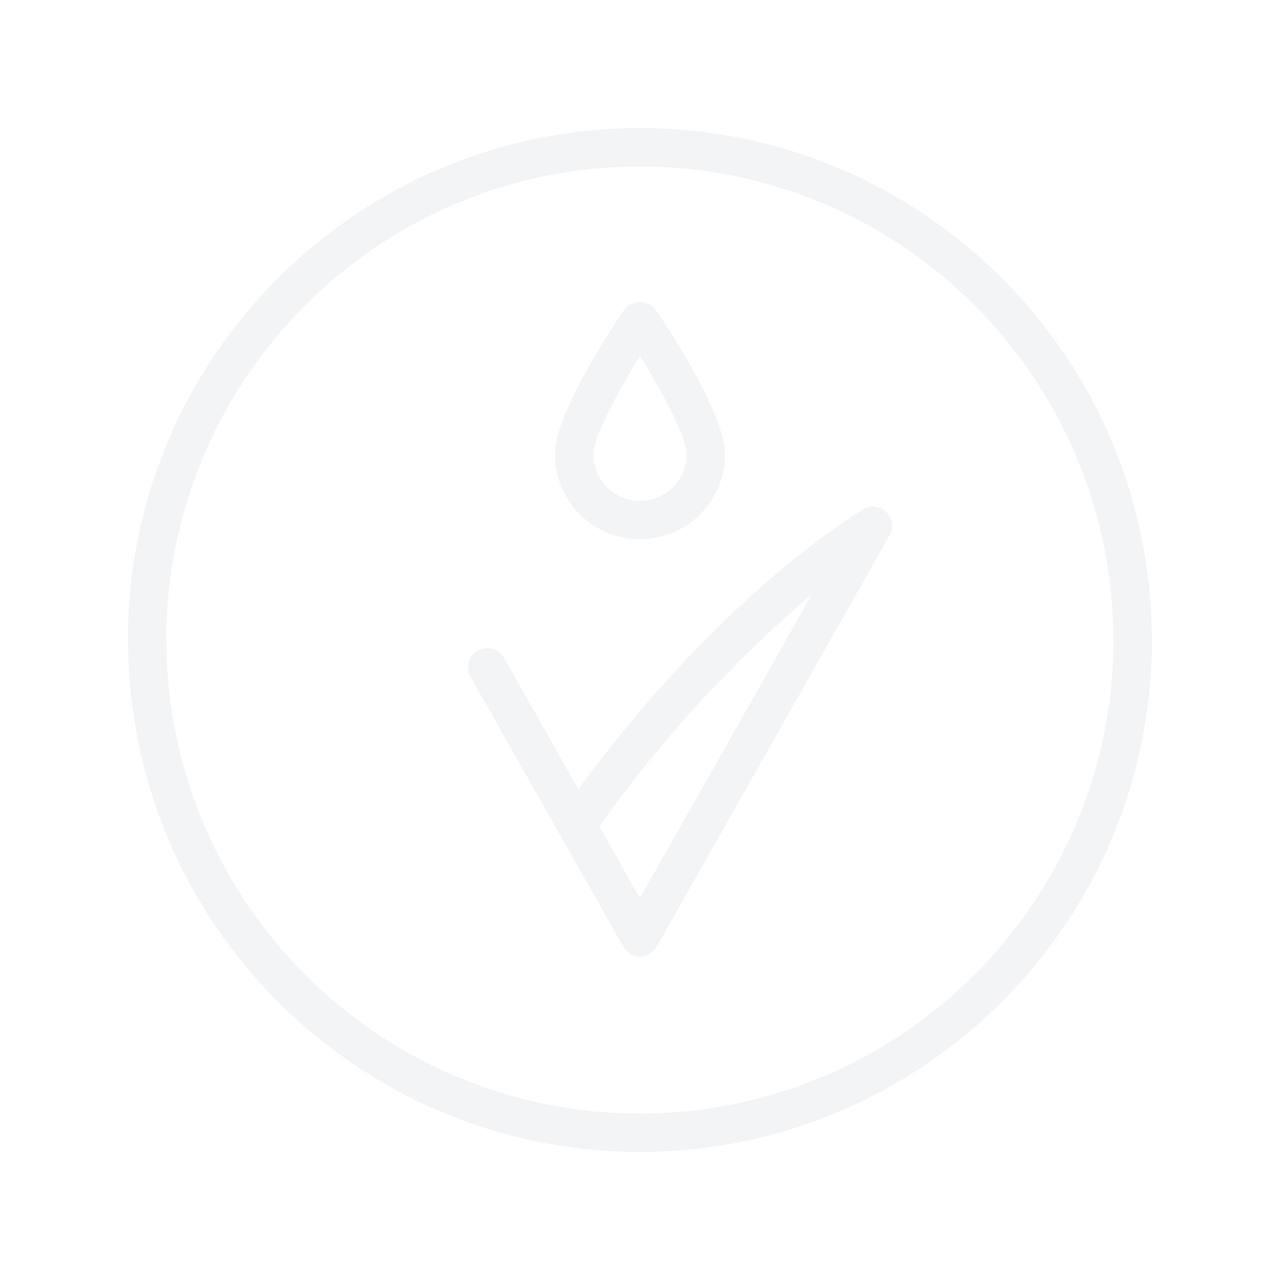 a4542ad4af5 Trussardi Delicate Rose 30ml Eau De Toilette Gift Set   LOVERTE